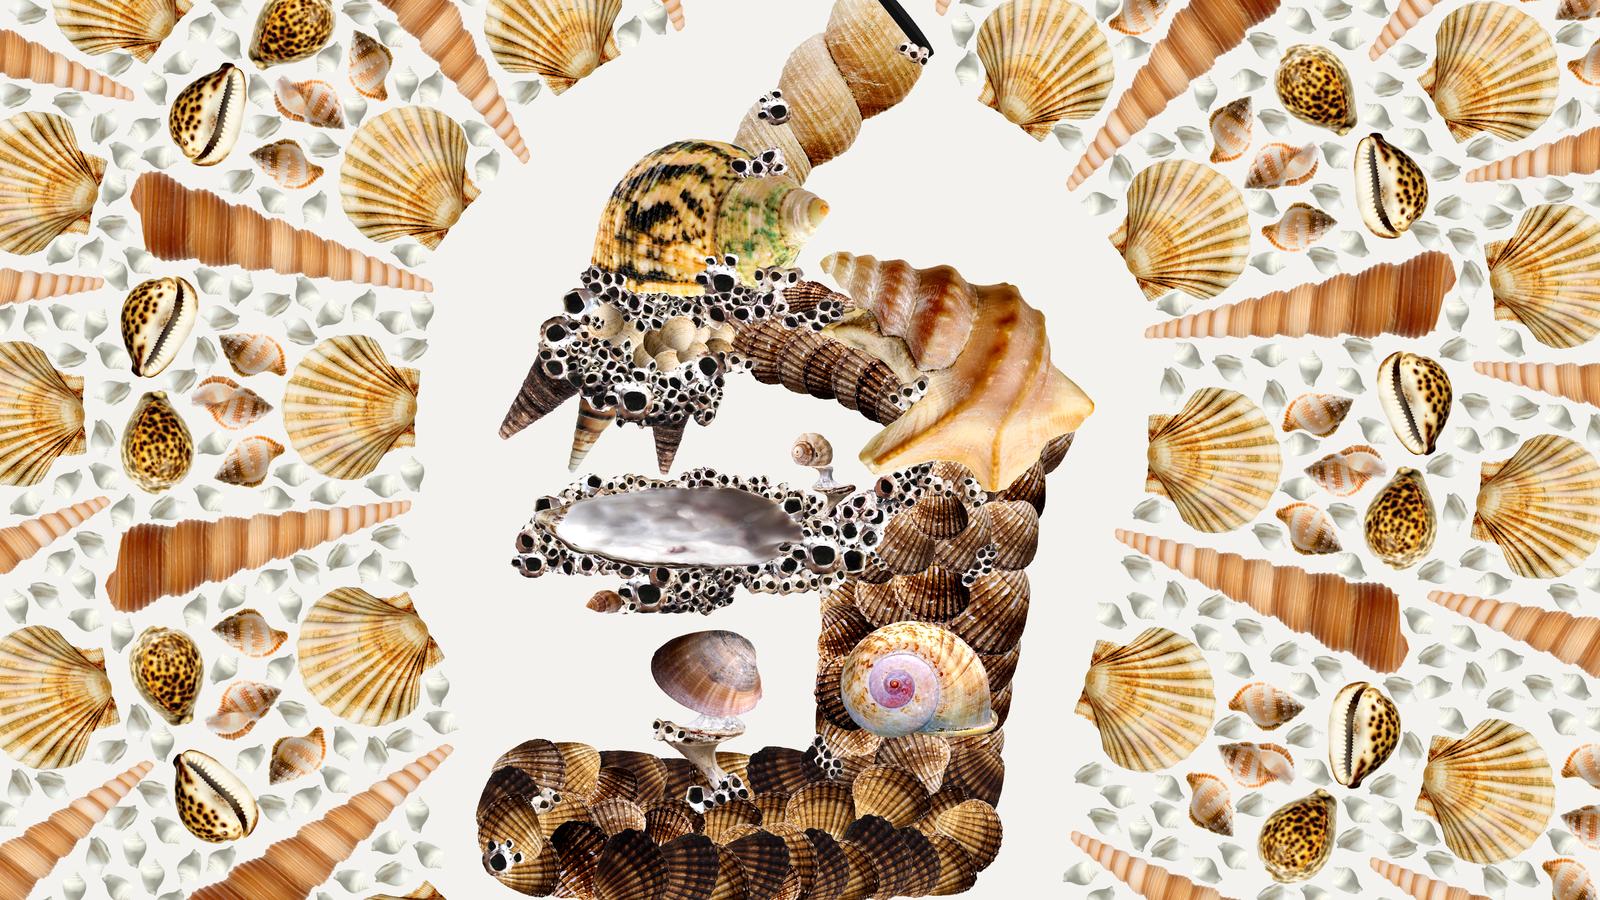 The Secret Science of Shell Seeking